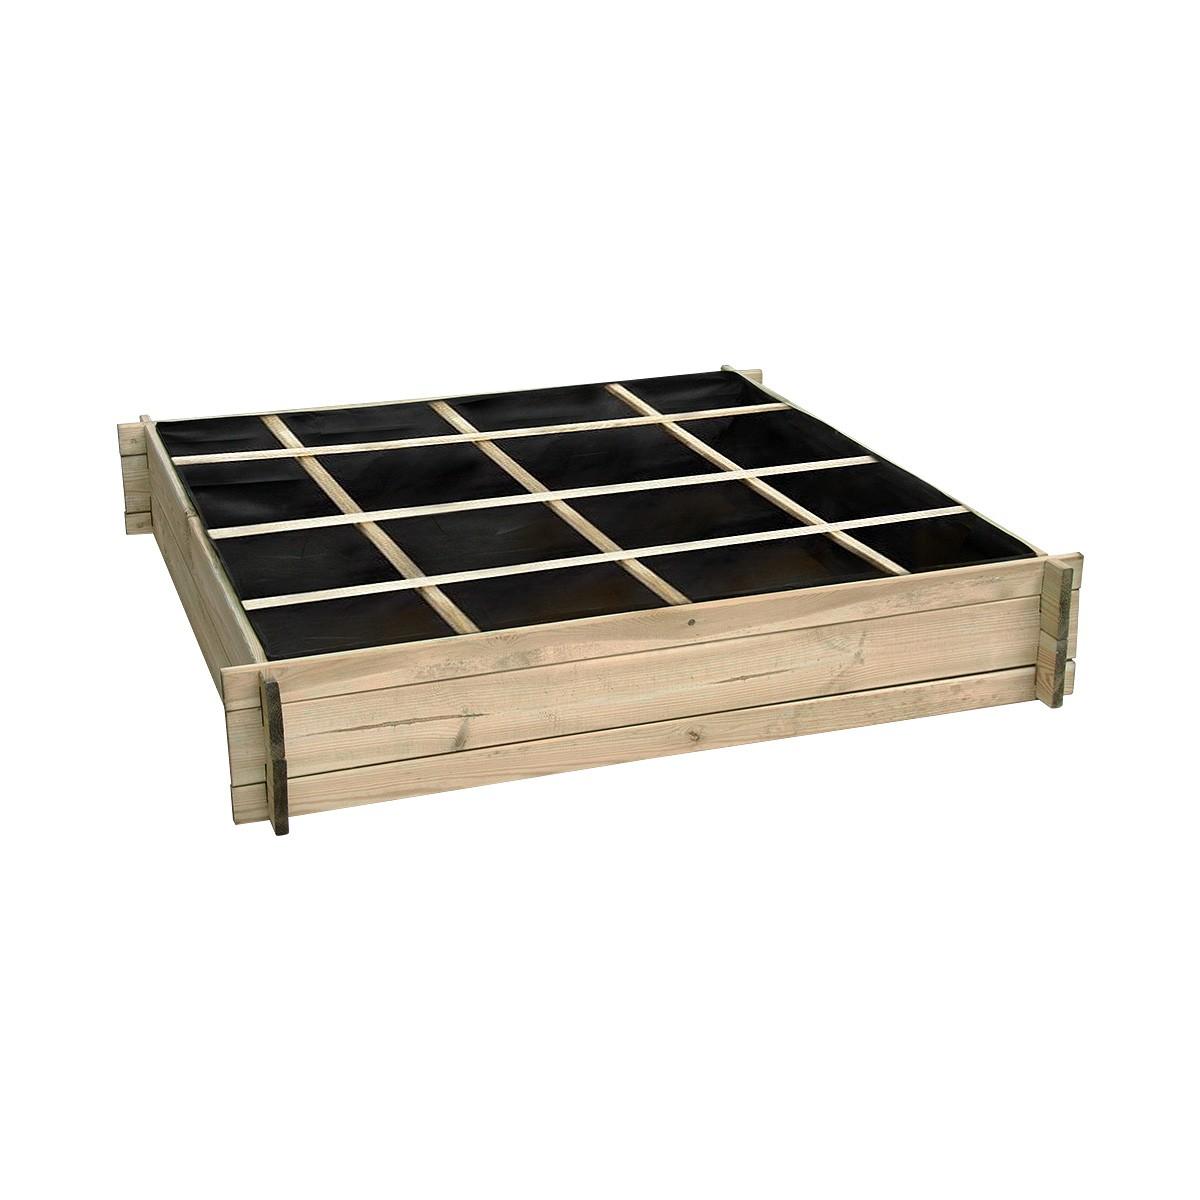 Fabriquer Potager Carré En Bois carré potager divisé en bois grand modèle - achat/vente de